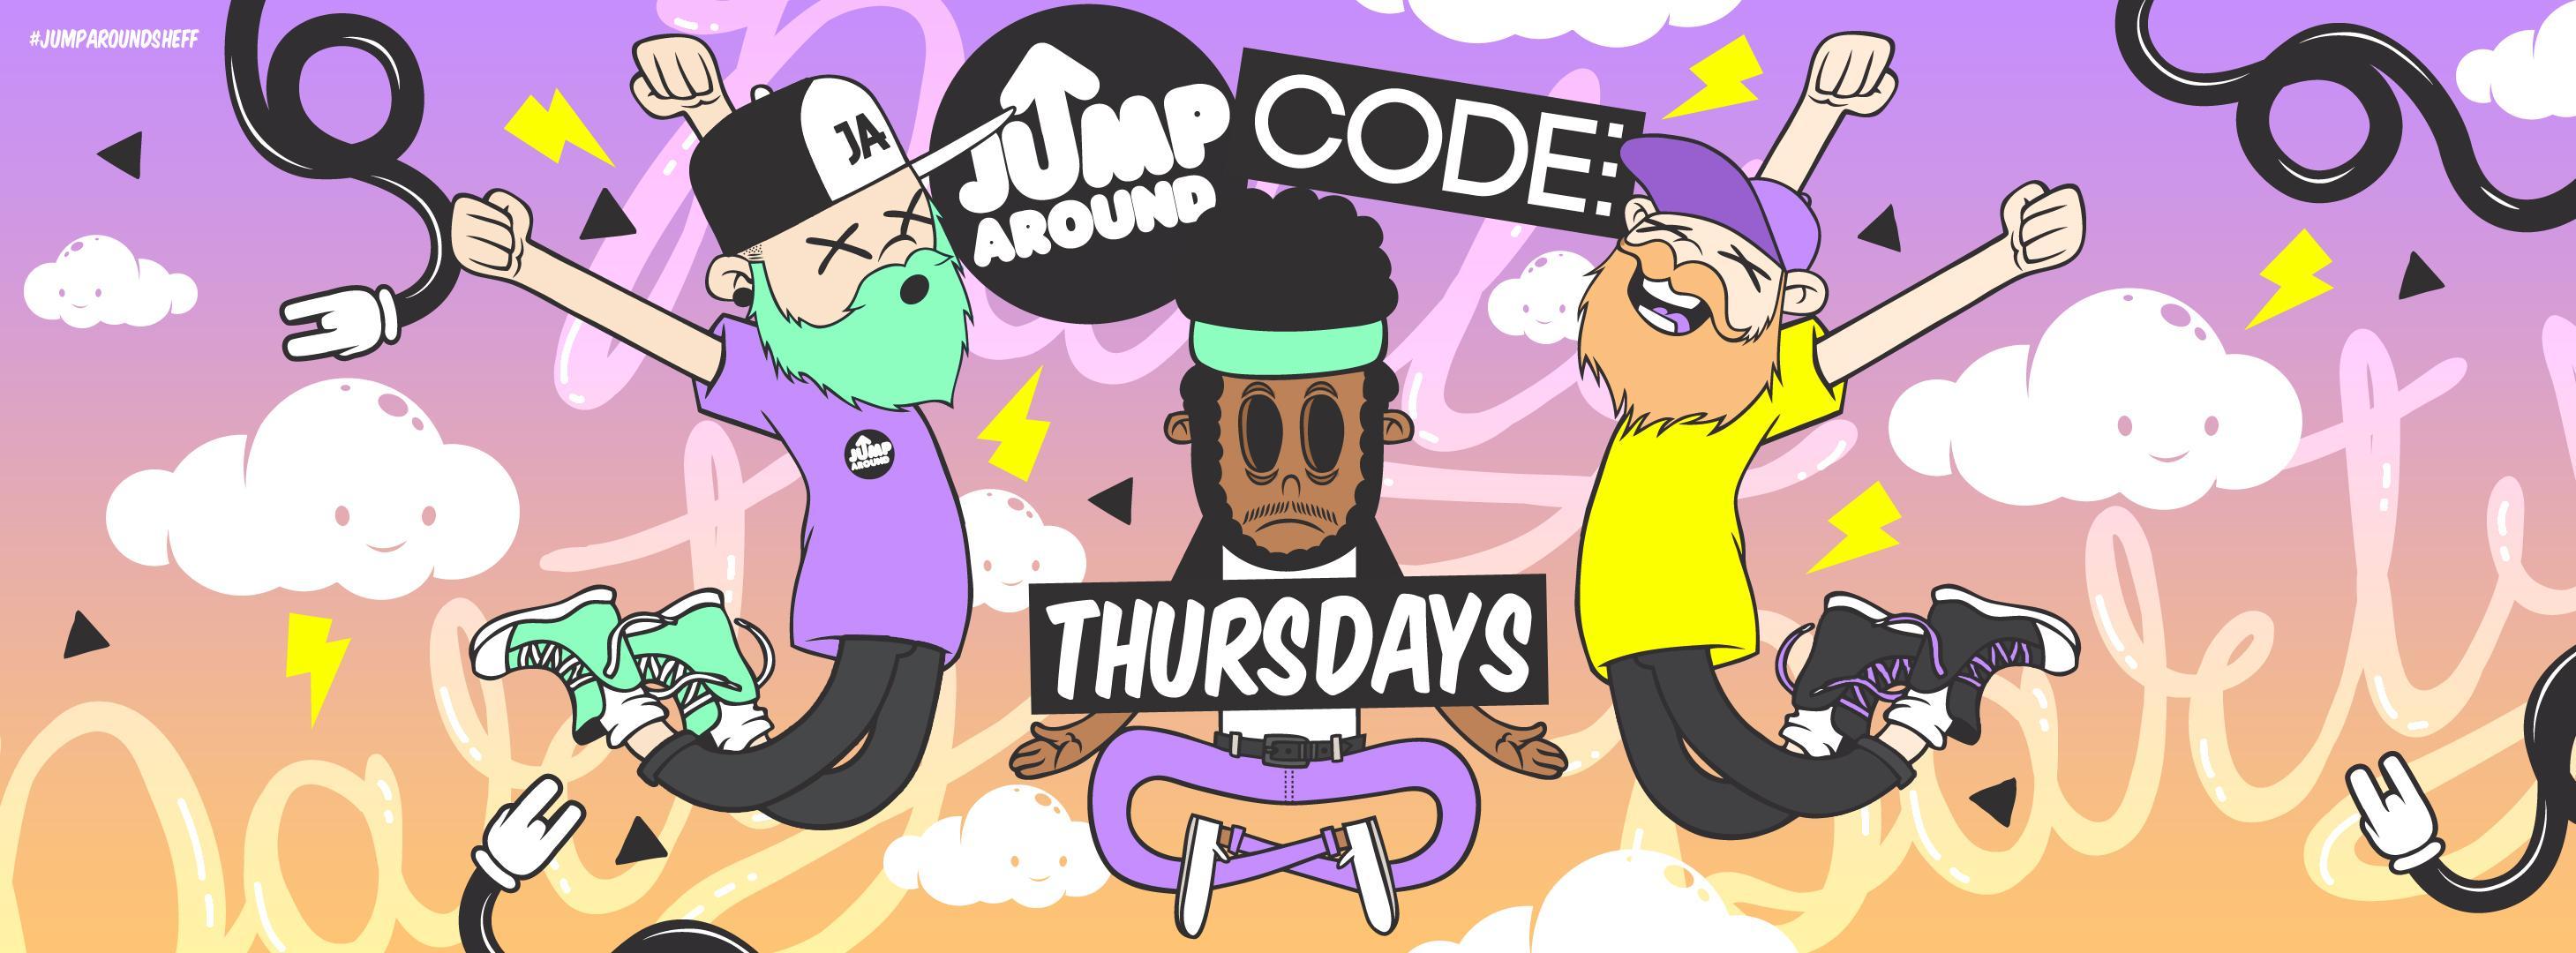 Jump Around at CODE: